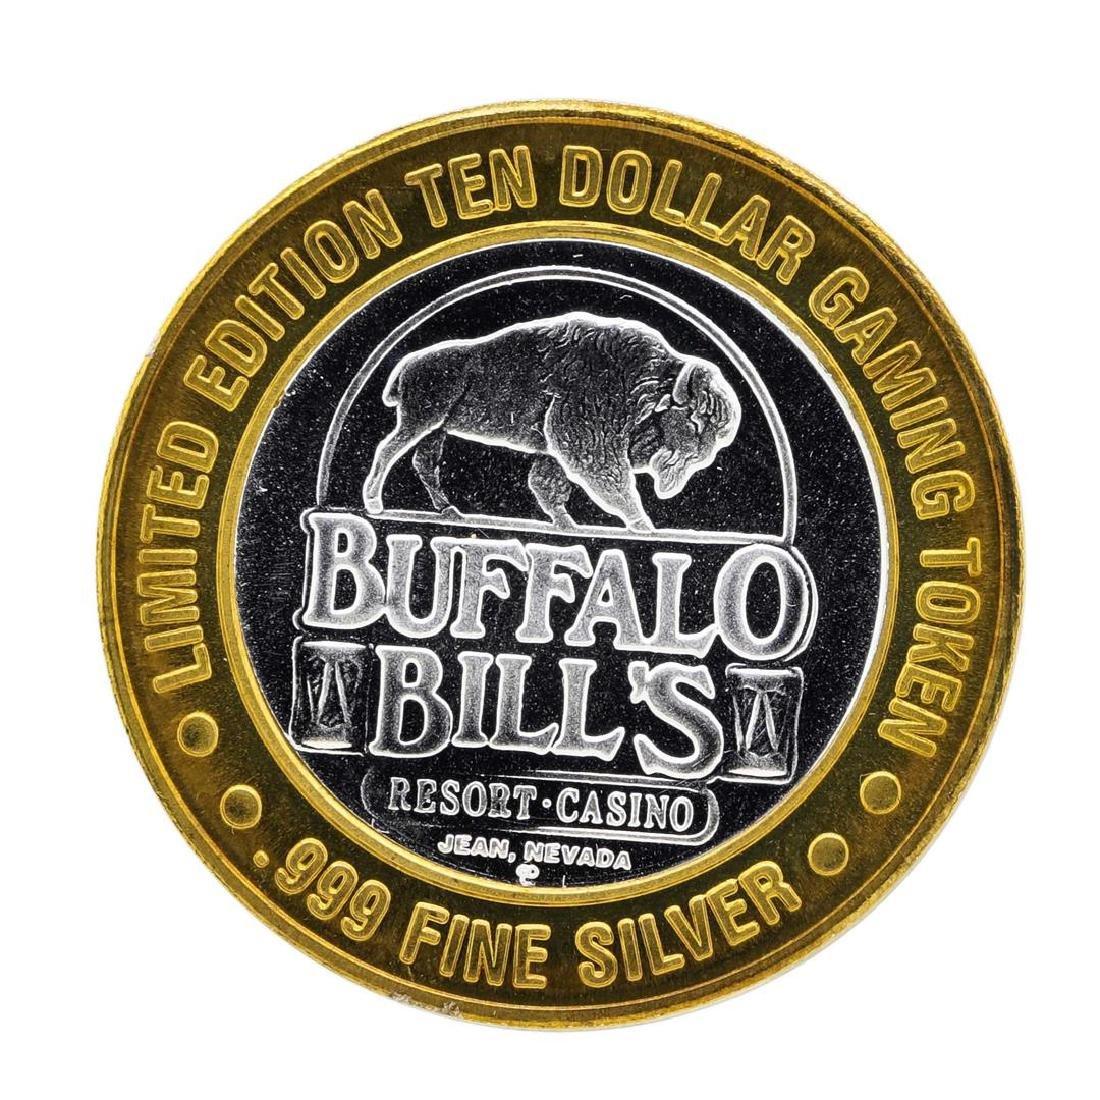 .999 Silver Buffalo Bills Resort & Casino $10 Limited - 2